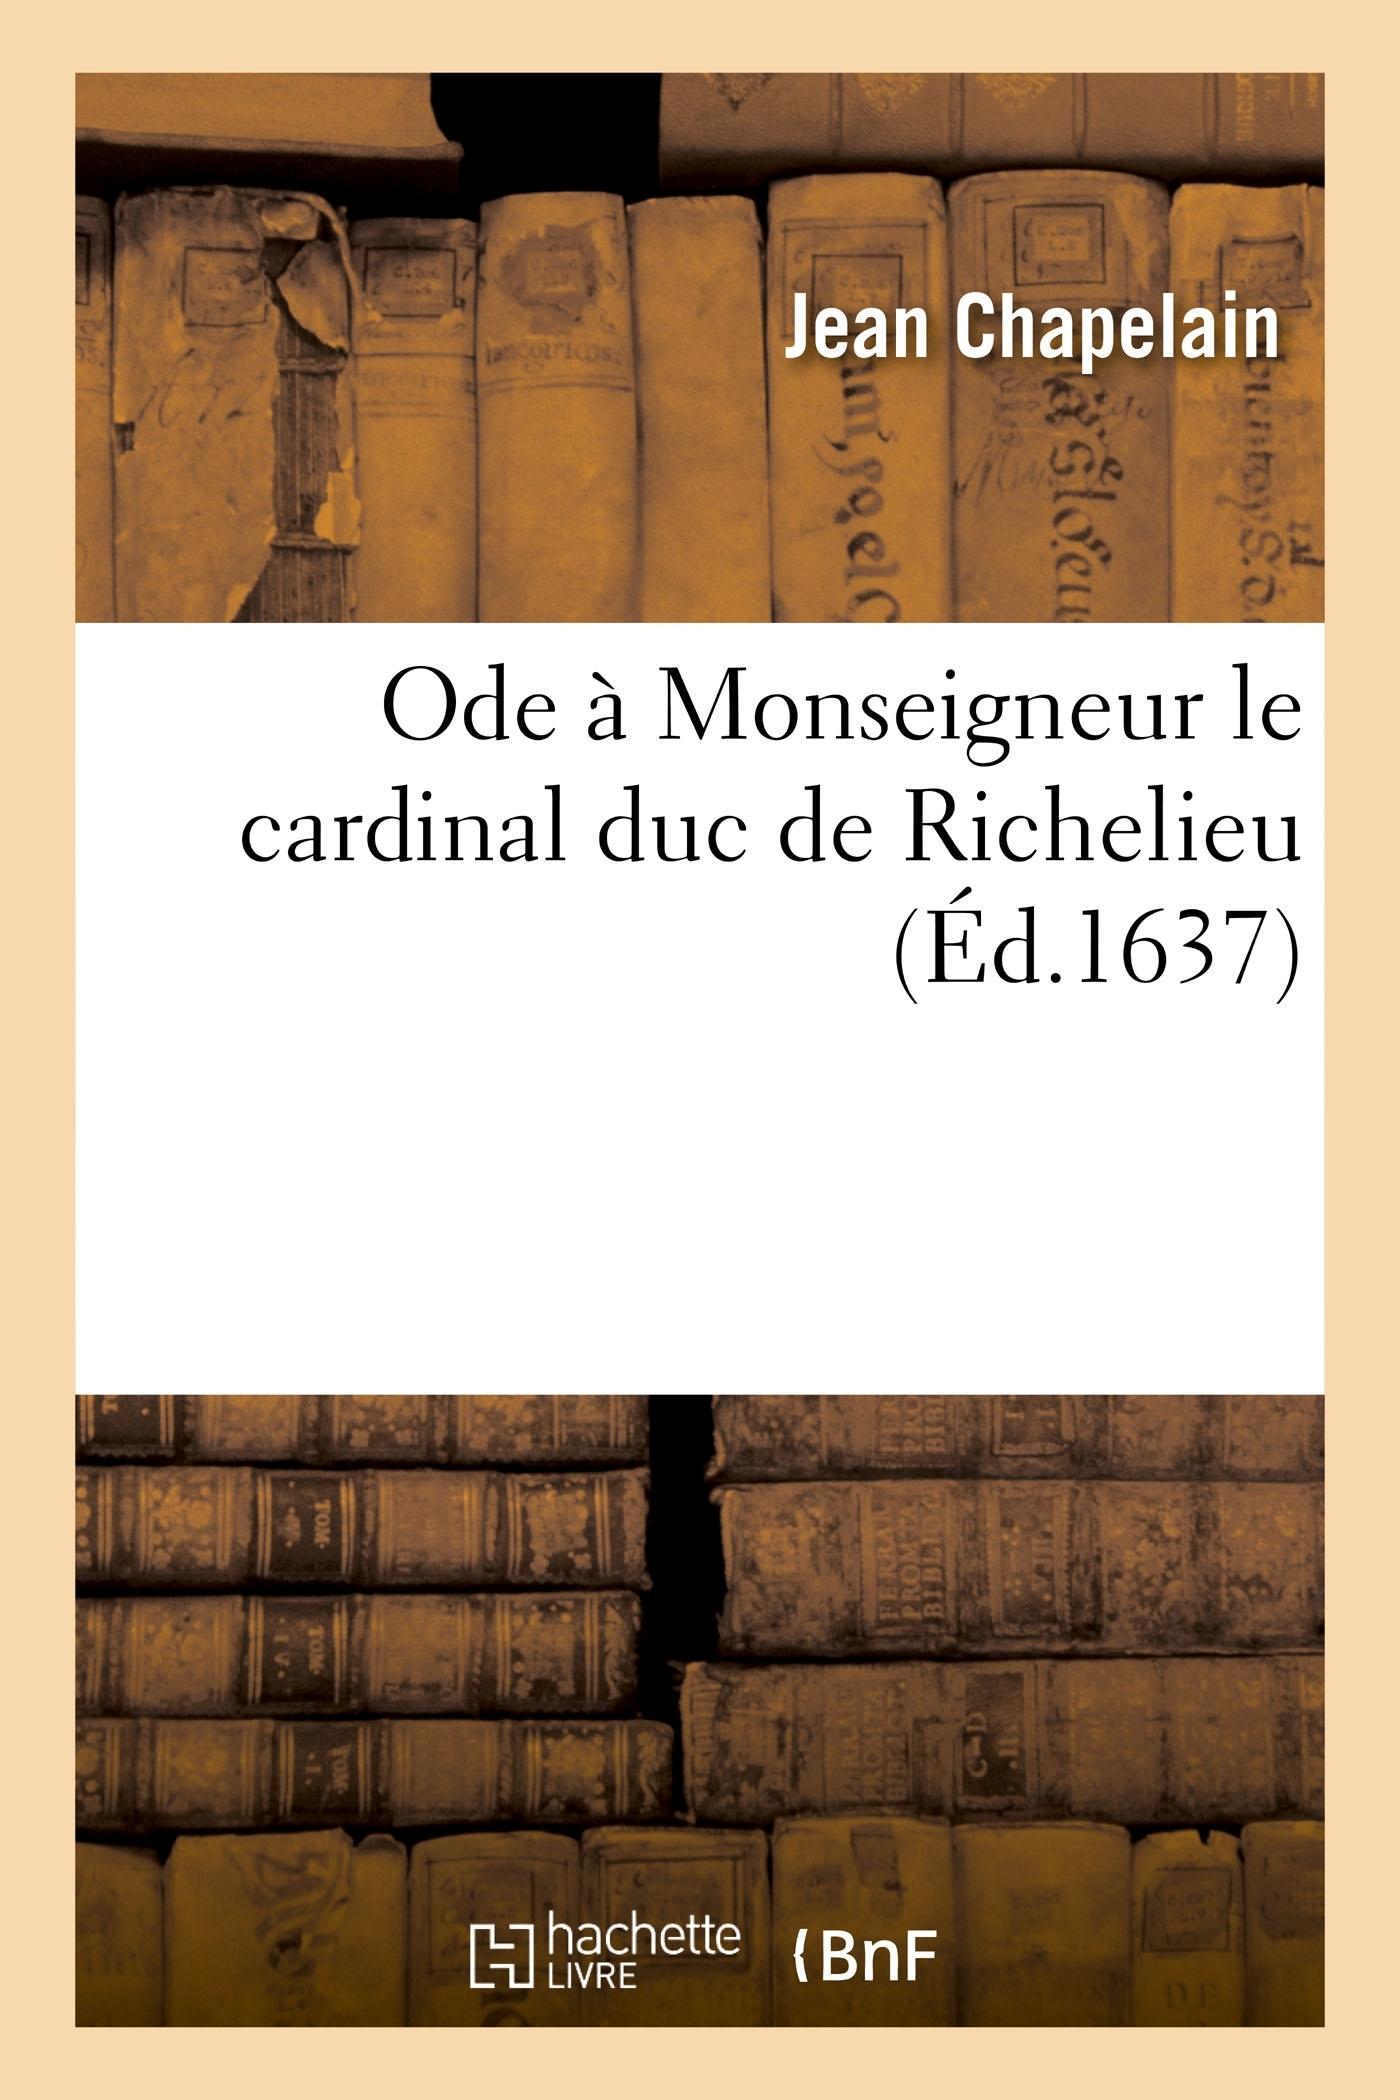 ODE A MONSEIGNEUR LE CARDINAL DUC DE RICHELIEU